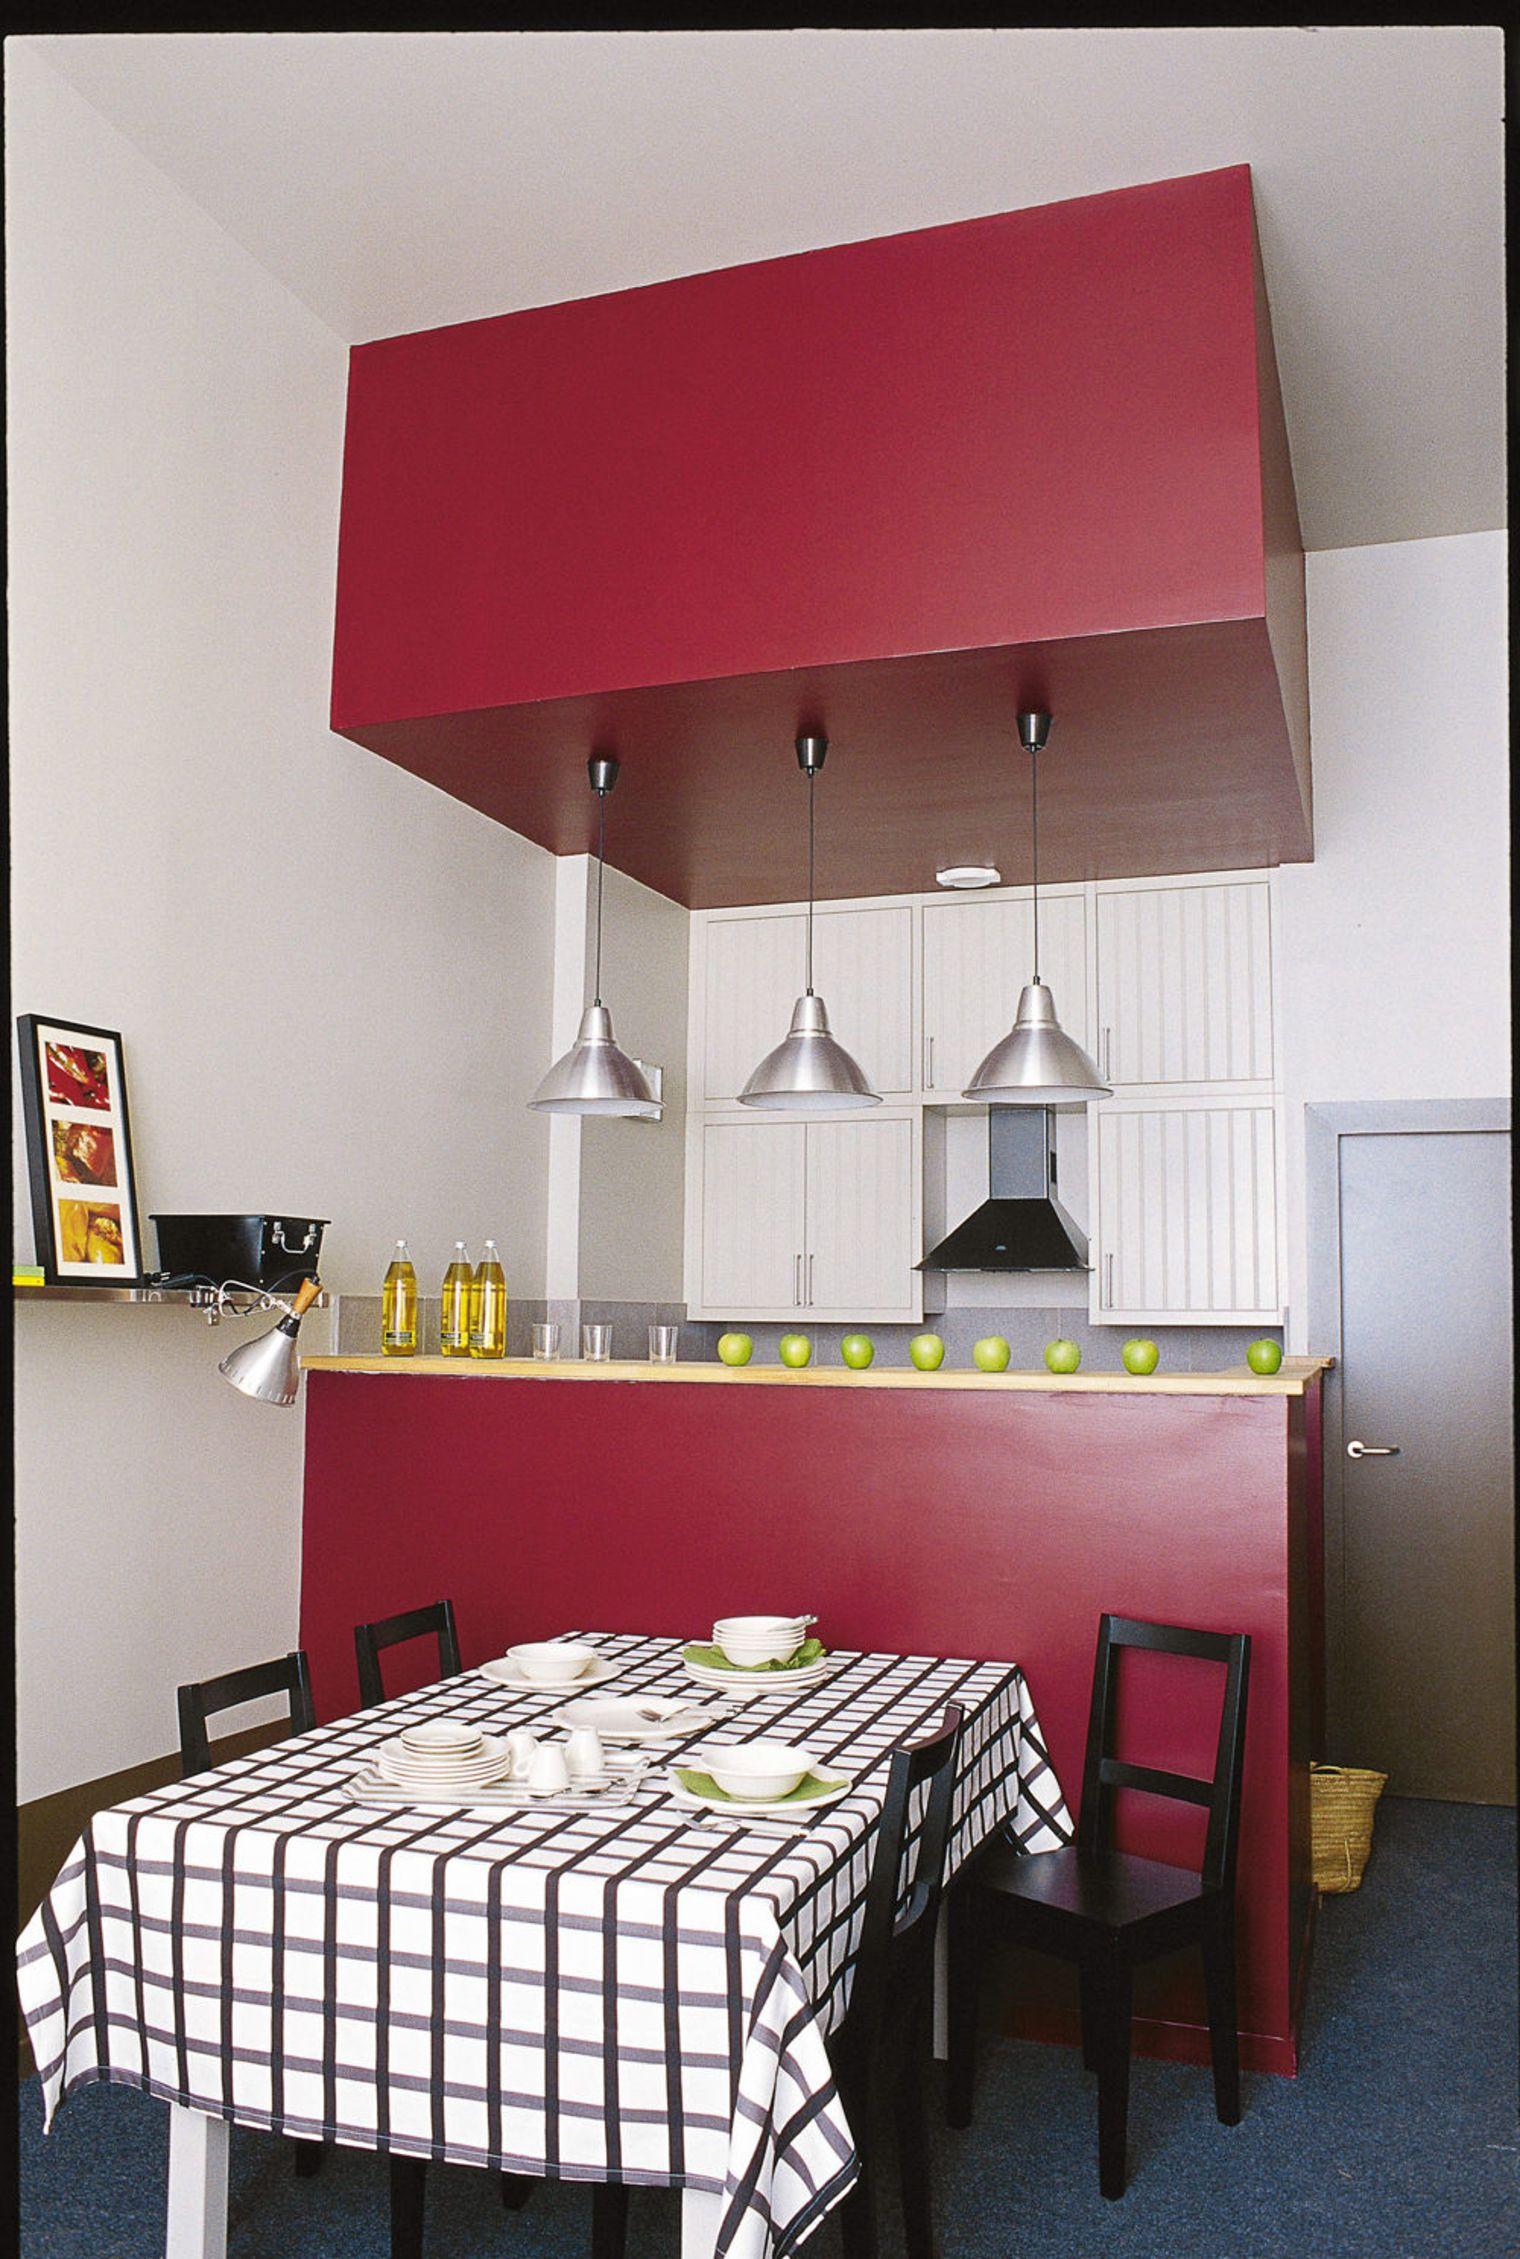 Дизайн маленькой кухни из двух красных блоков